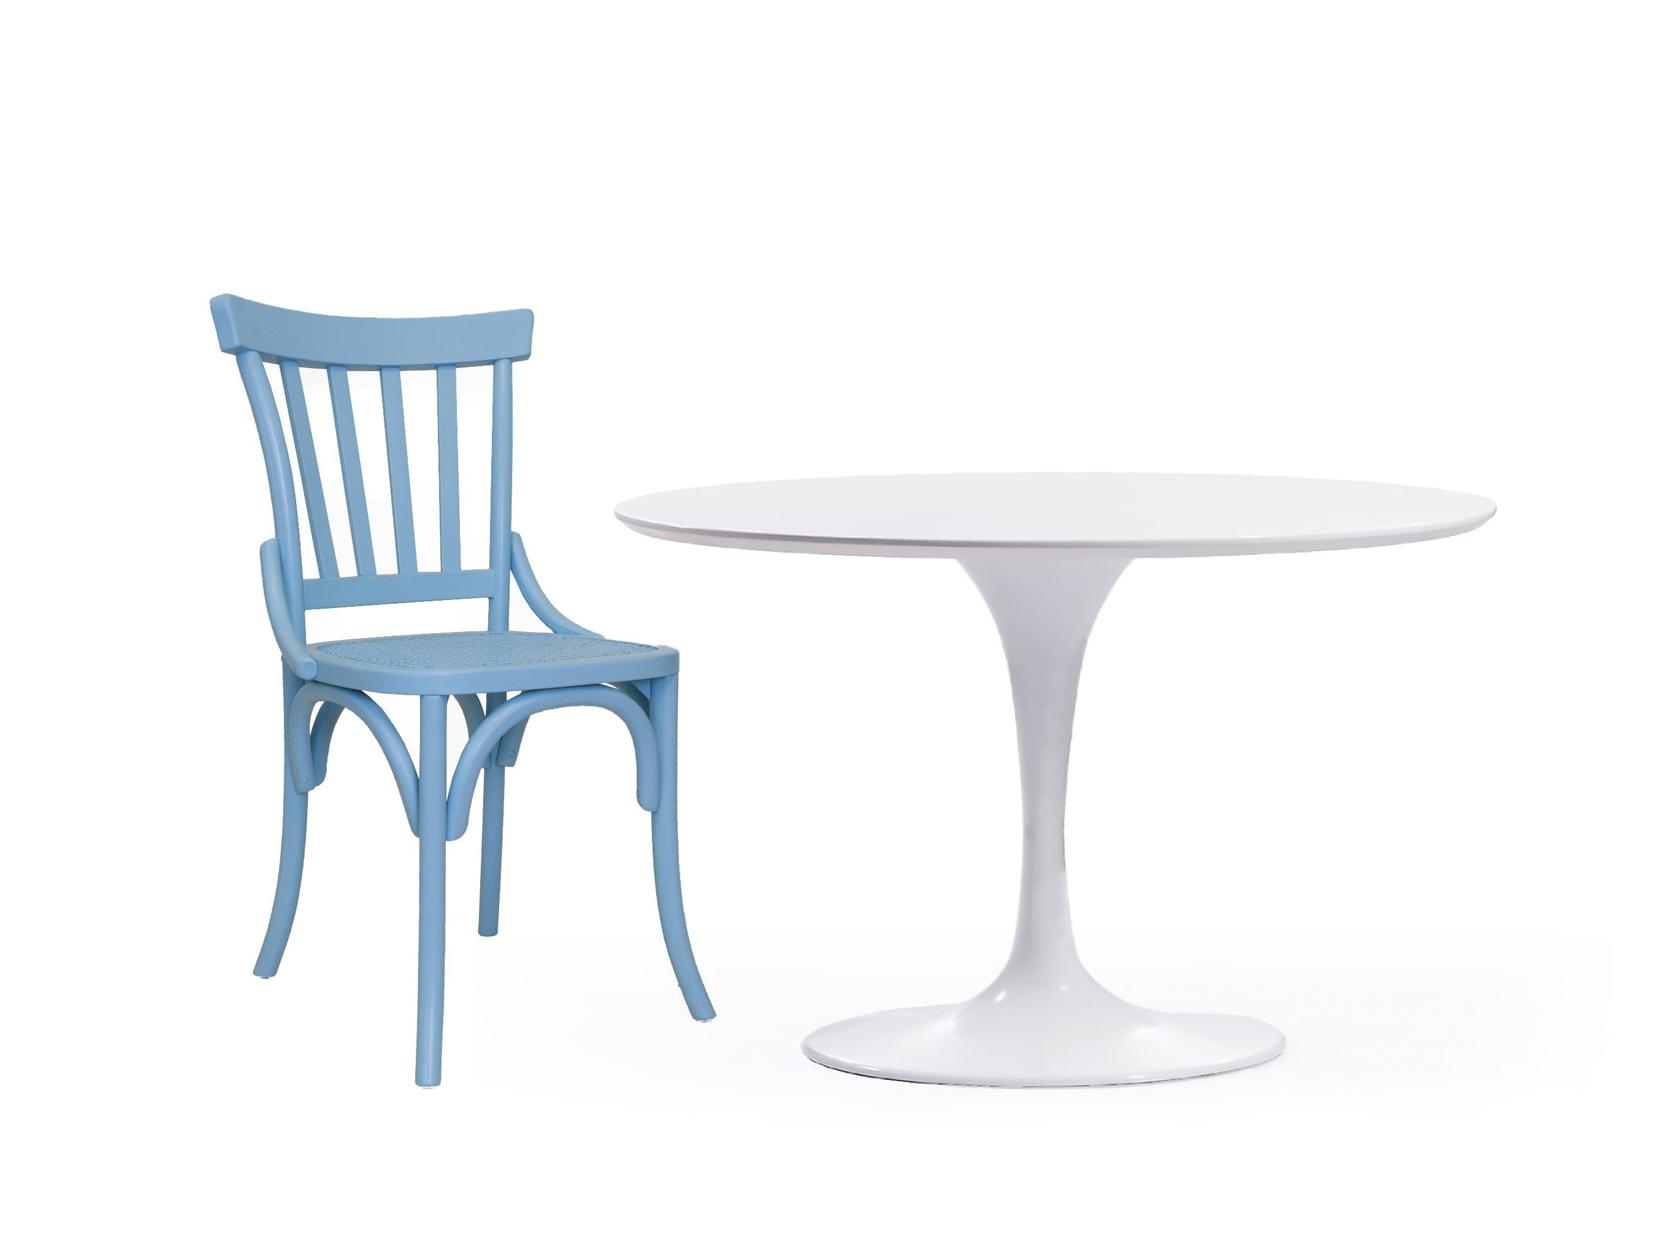 Обеденная группа Apriori T (стол + 4 стула)Комплекты для столовой<br>&amp;lt;div&amp;gt;&amp;lt;div&amp;gt;Обеденный круглый стол с лаконичным основанием из акрилового камня.&amp;amp;nbsp;&amp;lt;/div&amp;gt;&amp;lt;div&amp;gt;Стол в комплекте со стульями серии &amp;quot;Jax&amp;quot;. Такой яркий деревянный стул будет актуален для современного интерьера или стиля лофт. Он отлично подойдёт для дома, лоджии, сада, а также для кафе и баров.&amp;amp;nbsp;&amp;lt;/div&amp;gt;&amp;lt;div&amp;gt;&amp;lt;br&amp;gt;&amp;lt;/div&amp;gt;&amp;lt;div&amp;gt;Размеры стола : 105/77 см.&amp;lt;/div&amp;gt;&amp;lt;div&amp;gt;&amp;lt;span style=&amp;quot;font-size: 14px;&amp;quot;&amp;gt;Материал стола: дерево.&amp;amp;nbsp;&amp;lt;/span&amp;gt;&amp;lt;br&amp;gt;&amp;lt;/div&amp;gt;&amp;lt;div&amp;gt;Размеры стула: 88/53/51 см.&amp;lt;/div&amp;gt;&amp;lt;/div&amp;gt;&amp;lt;div&amp;gt;&amp;lt;span style=&amp;quot;font-size: 14px;&amp;quot;&amp;gt;Материал стула: массив березы.&amp;lt;/span&amp;gt;&amp;lt;br&amp;gt;&amp;lt;/div&amp;gt;<br><br>Material: Дерево<br>Высота см: 77